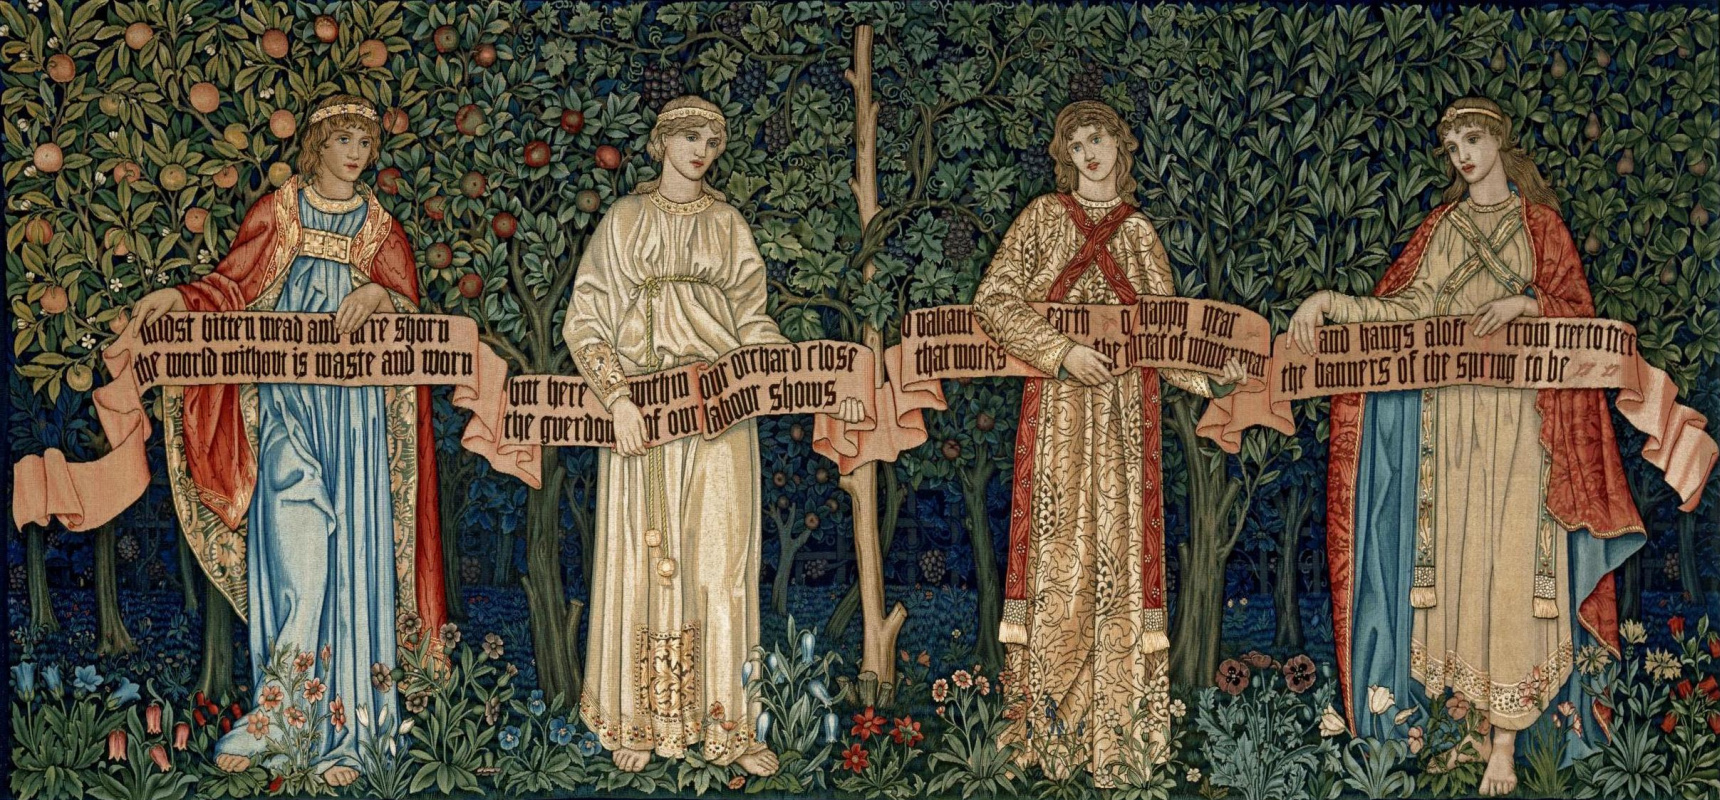 Уильям Моррис. Фруктовый сад